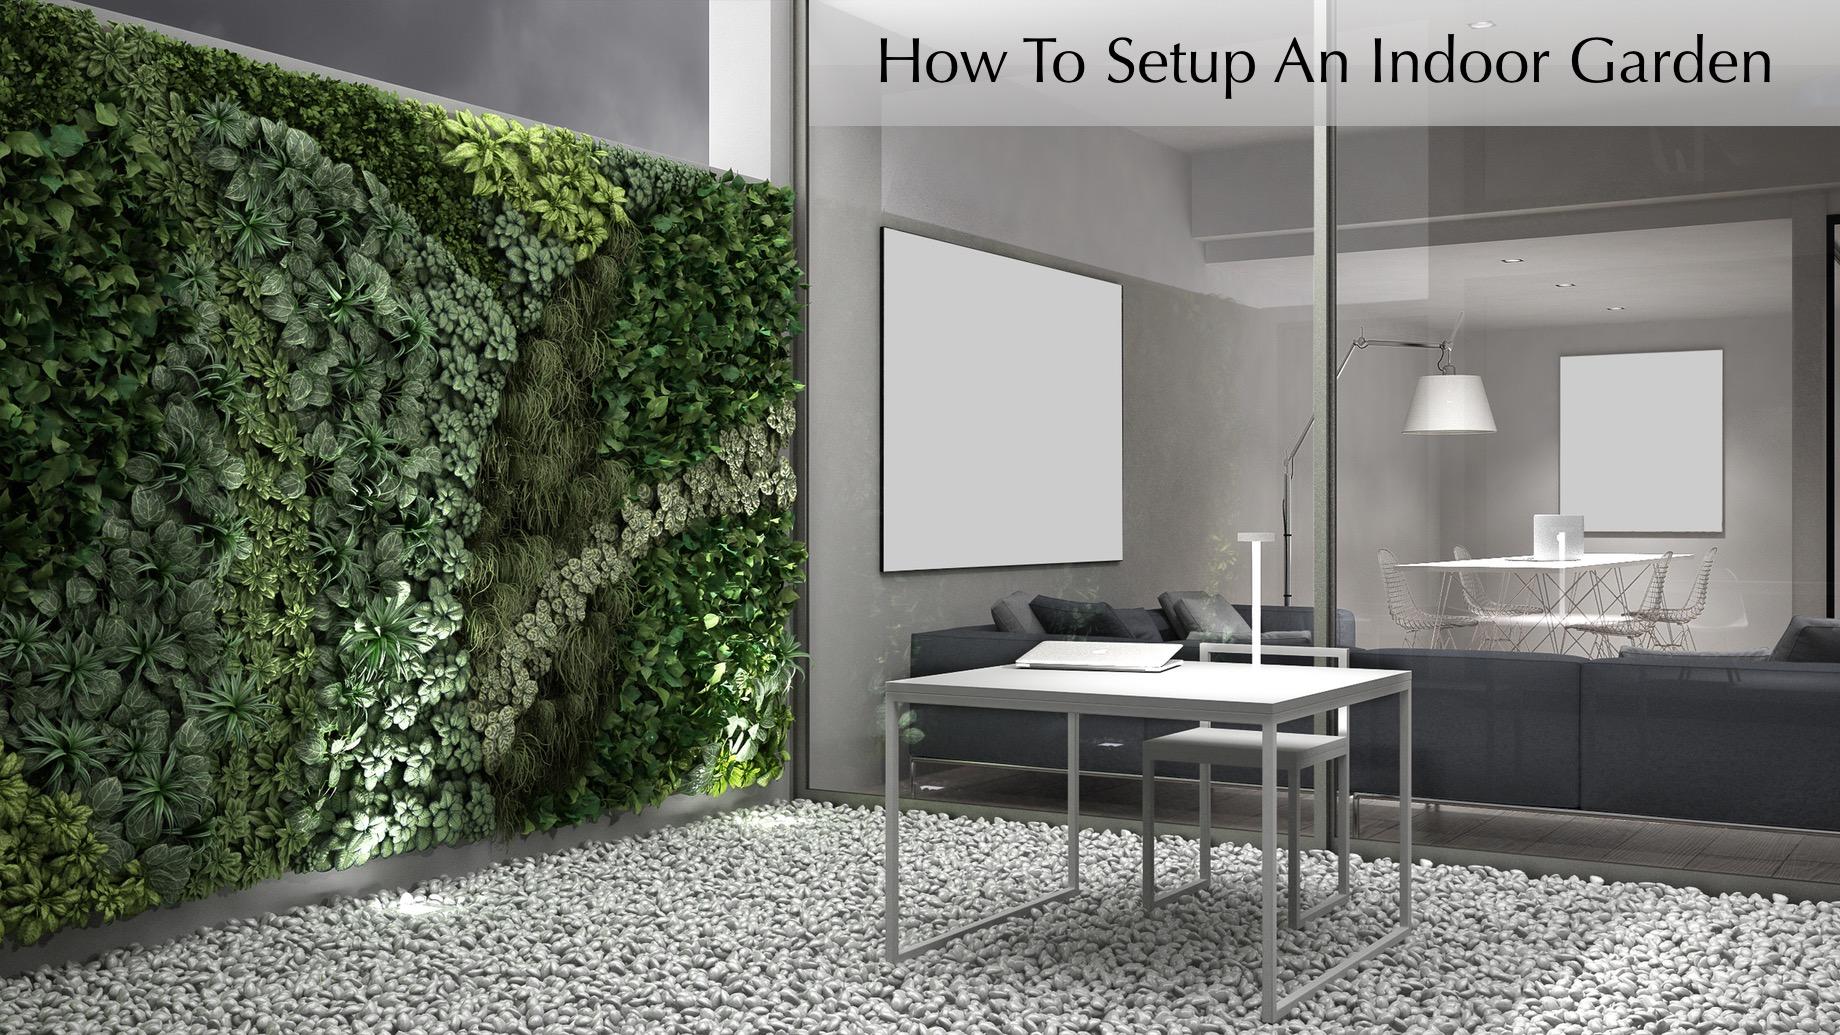 How To Setup An Indoor Garden